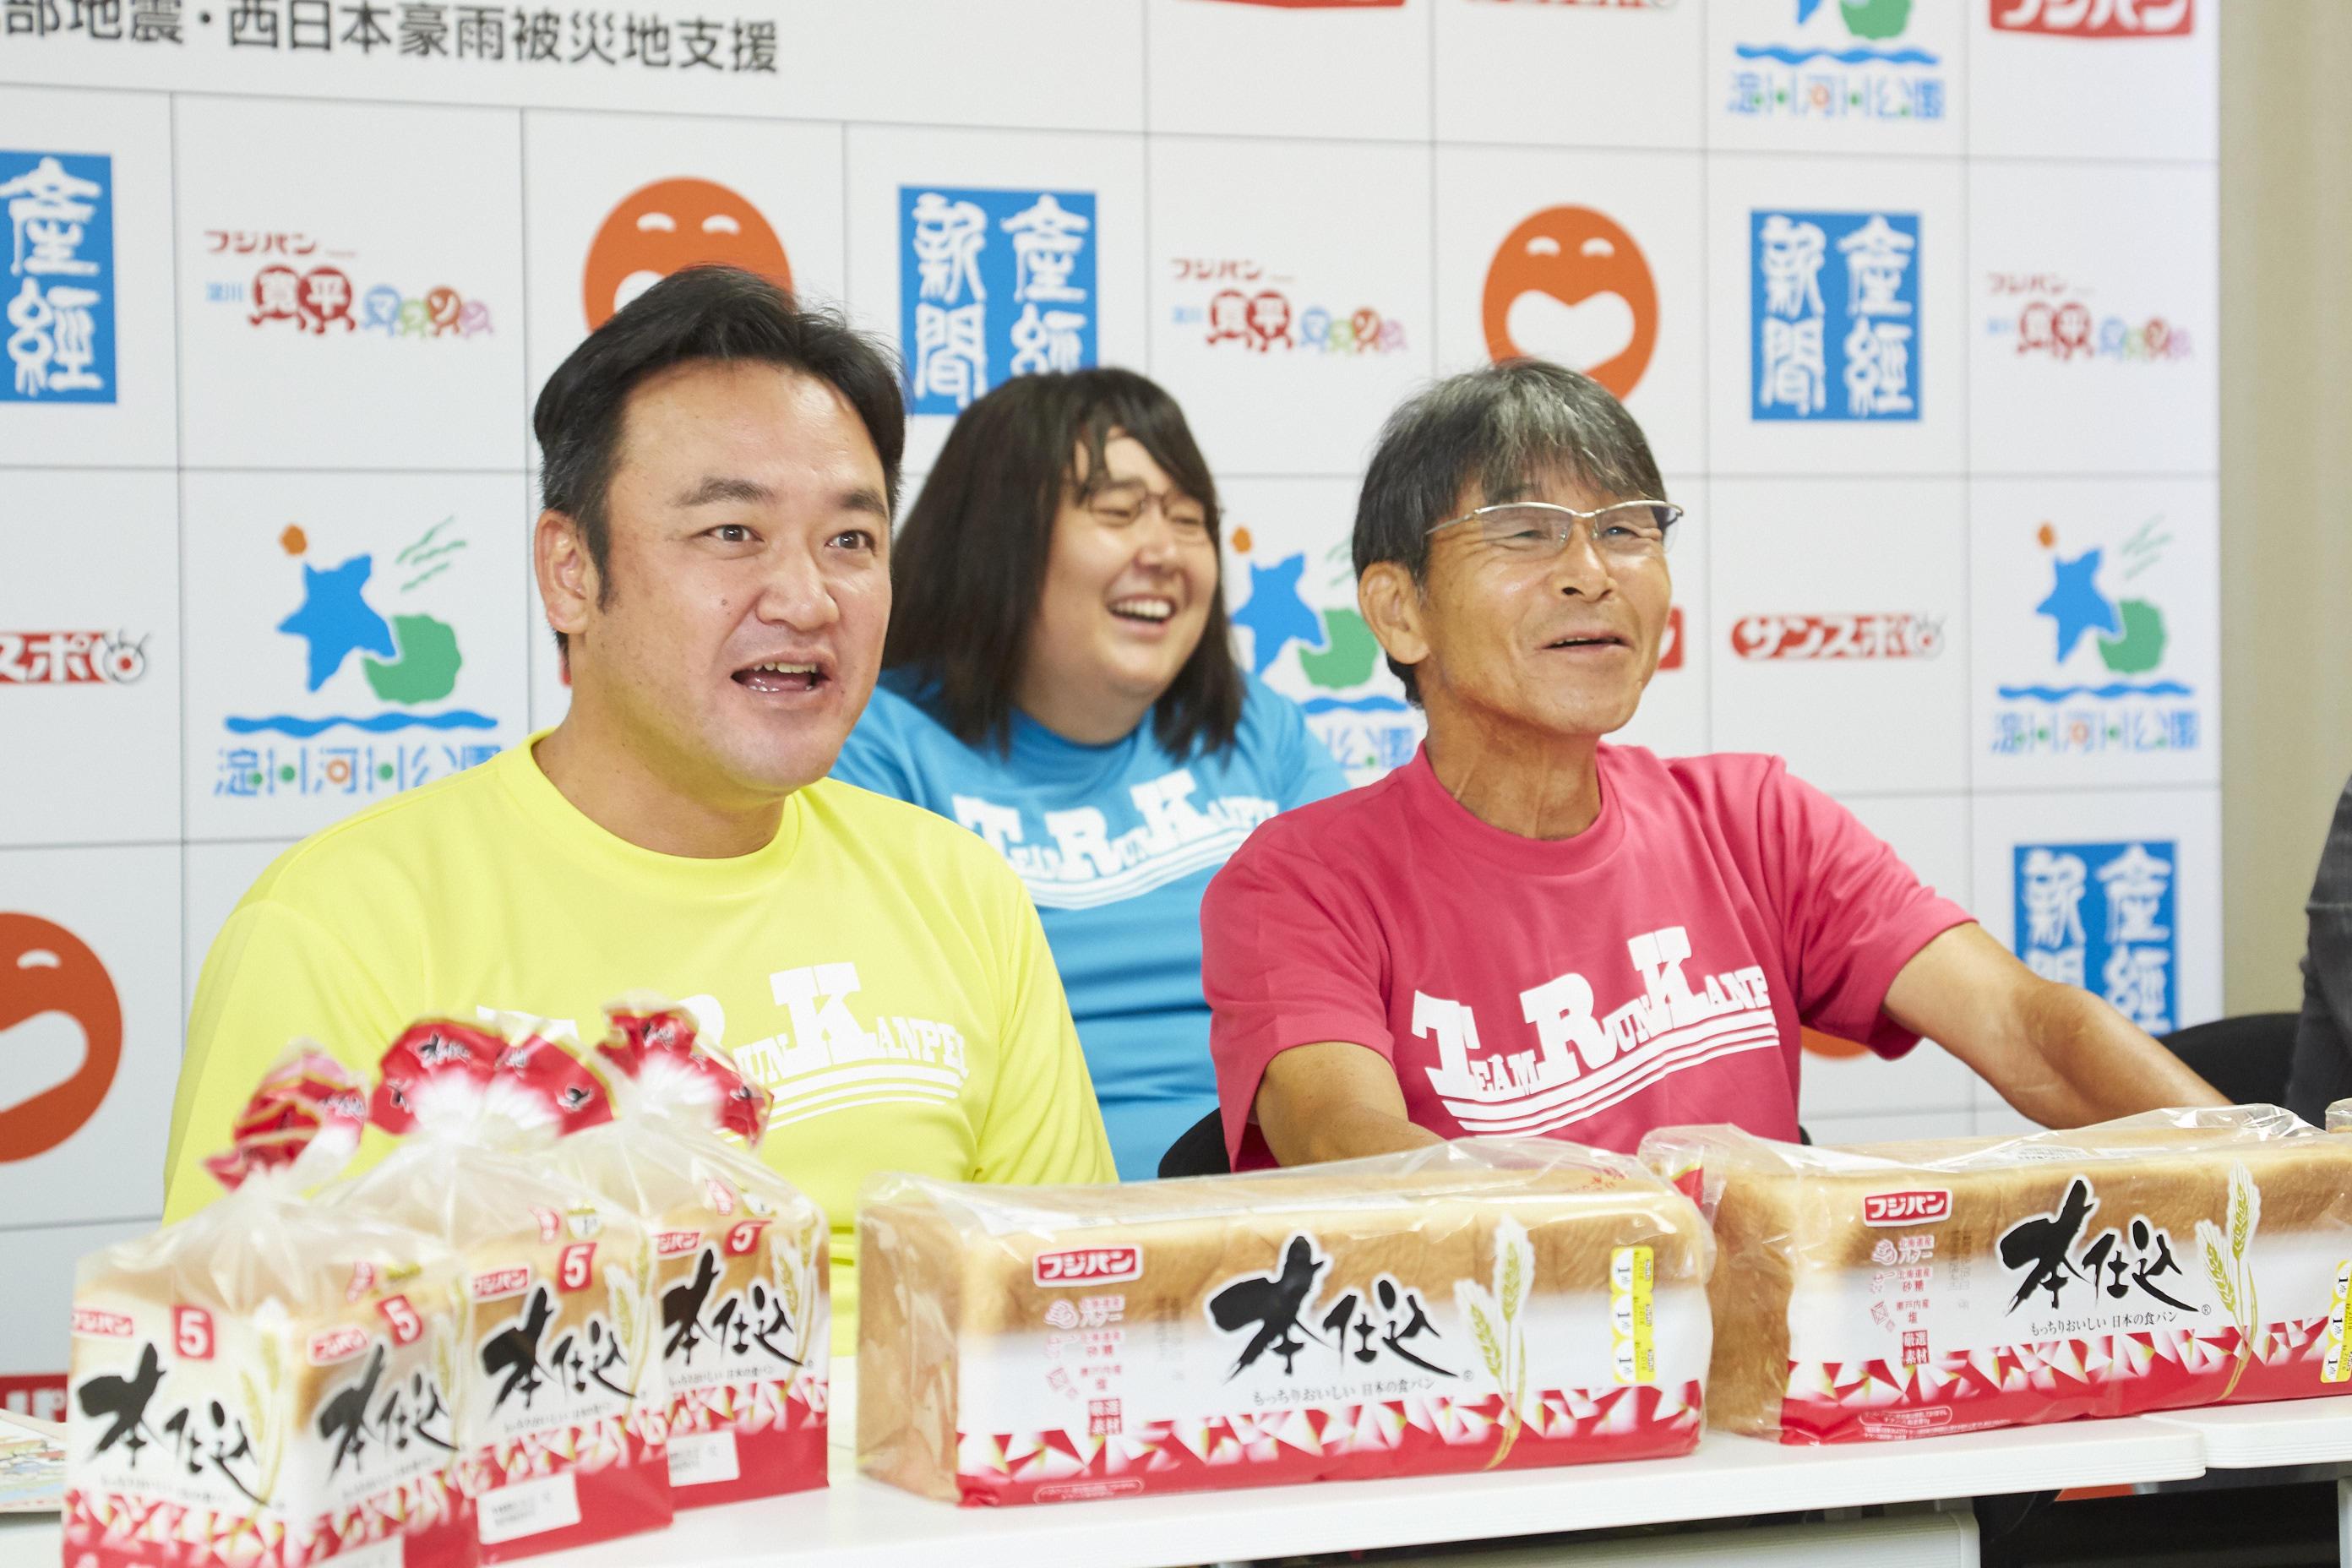 http://news.yoshimoto.co.jp/20180830001840-5486e9e18aec446c18f57dfb44be2caa2839d84d.jpg